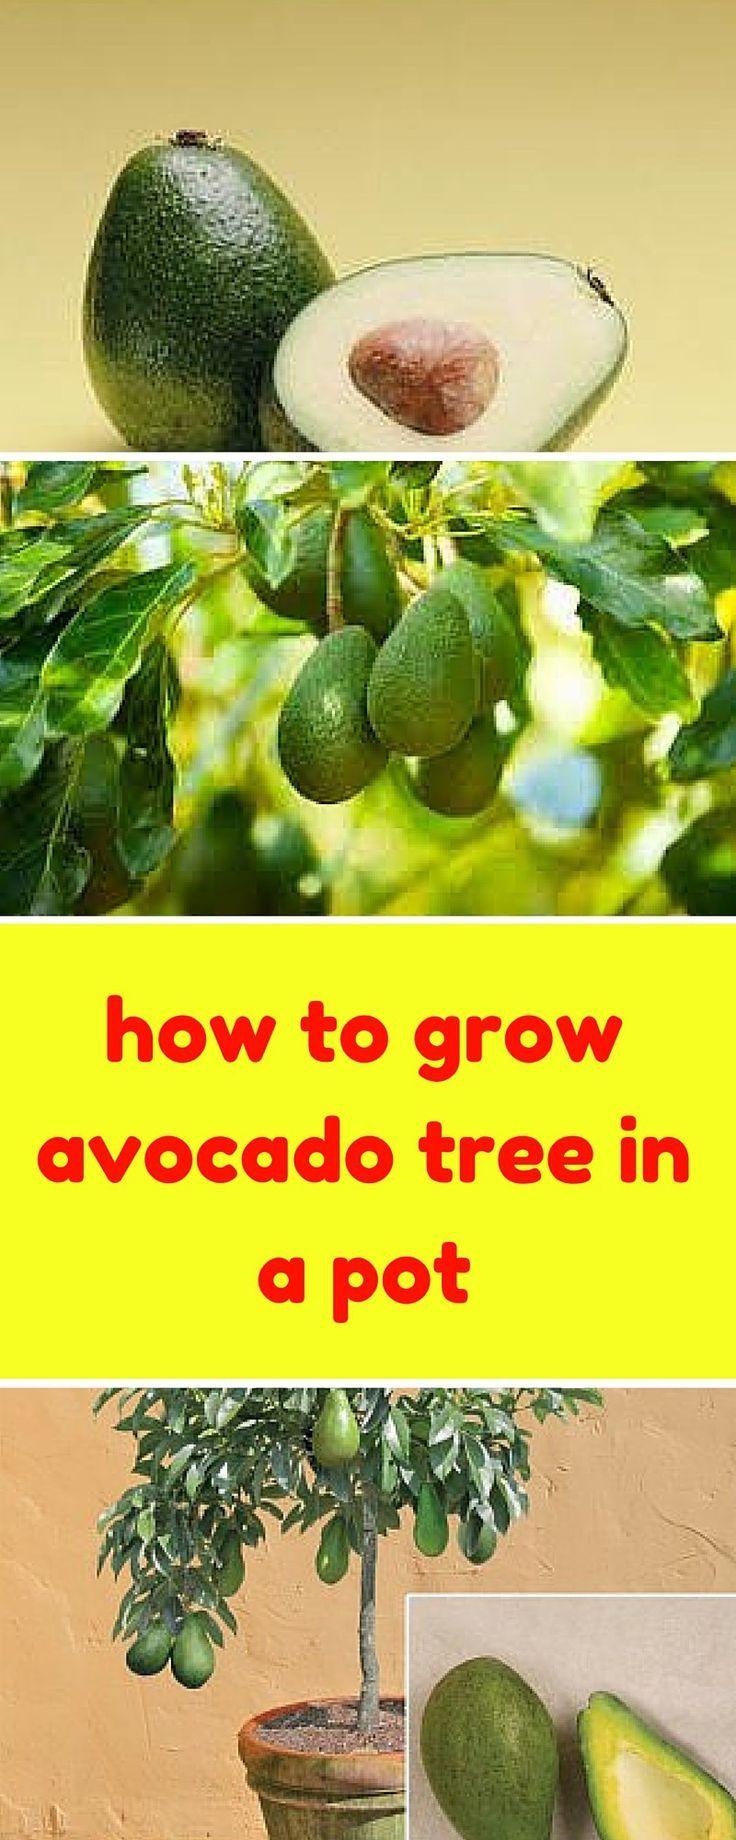 Pflanze einen Avocado-Baum - - Pflanze einen Avocado-Baum